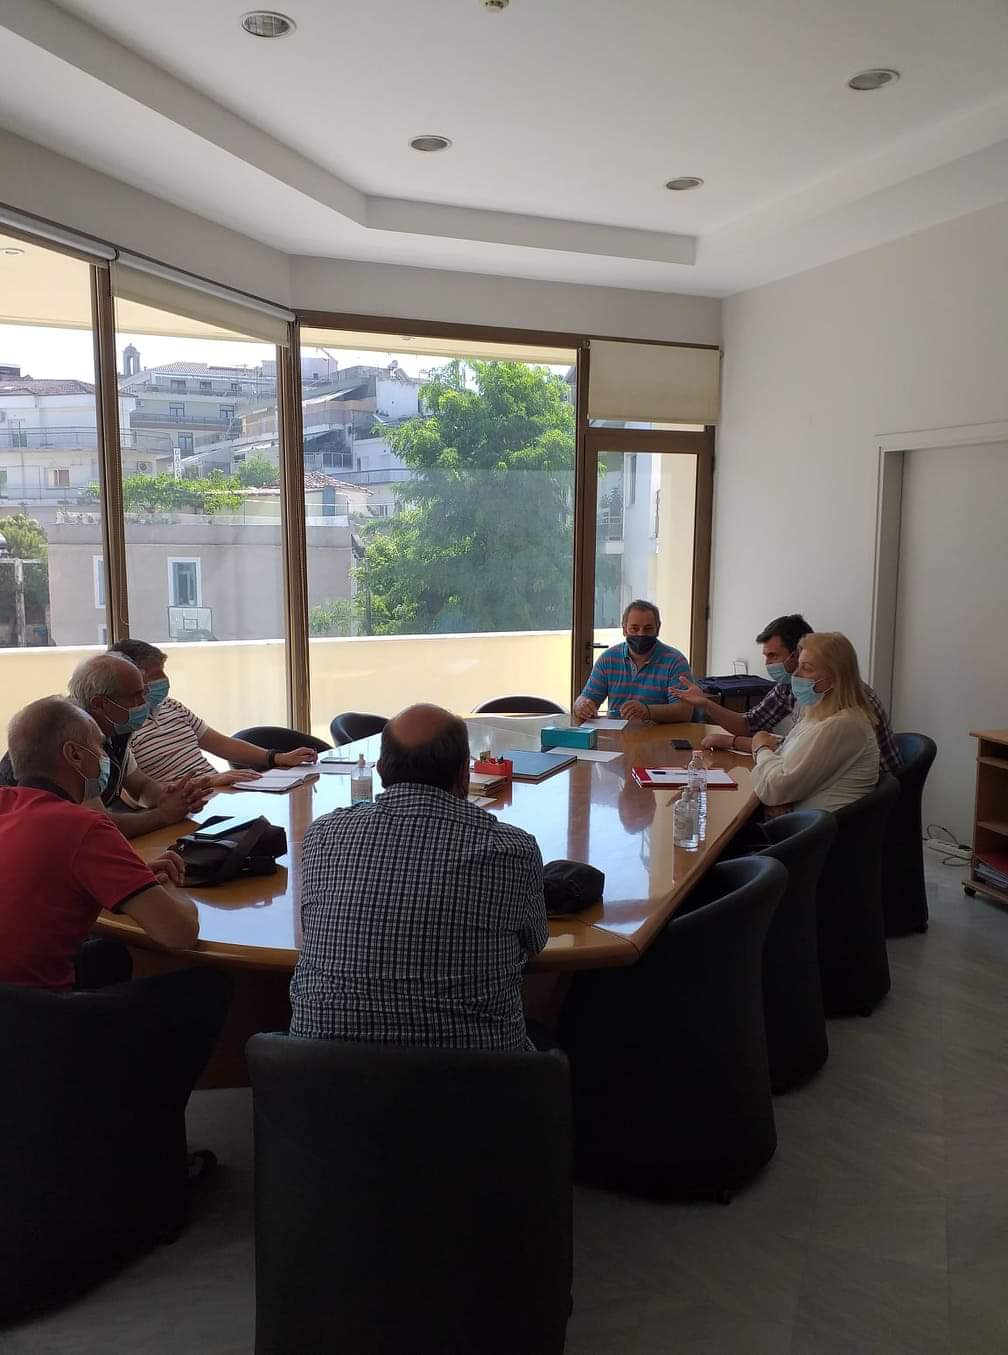 Συνάντηση του σωματείου εργαζομένων της ΔΕΥΑΚ με τη διοίκηση του ΤΕΕ/ΤΔΜ